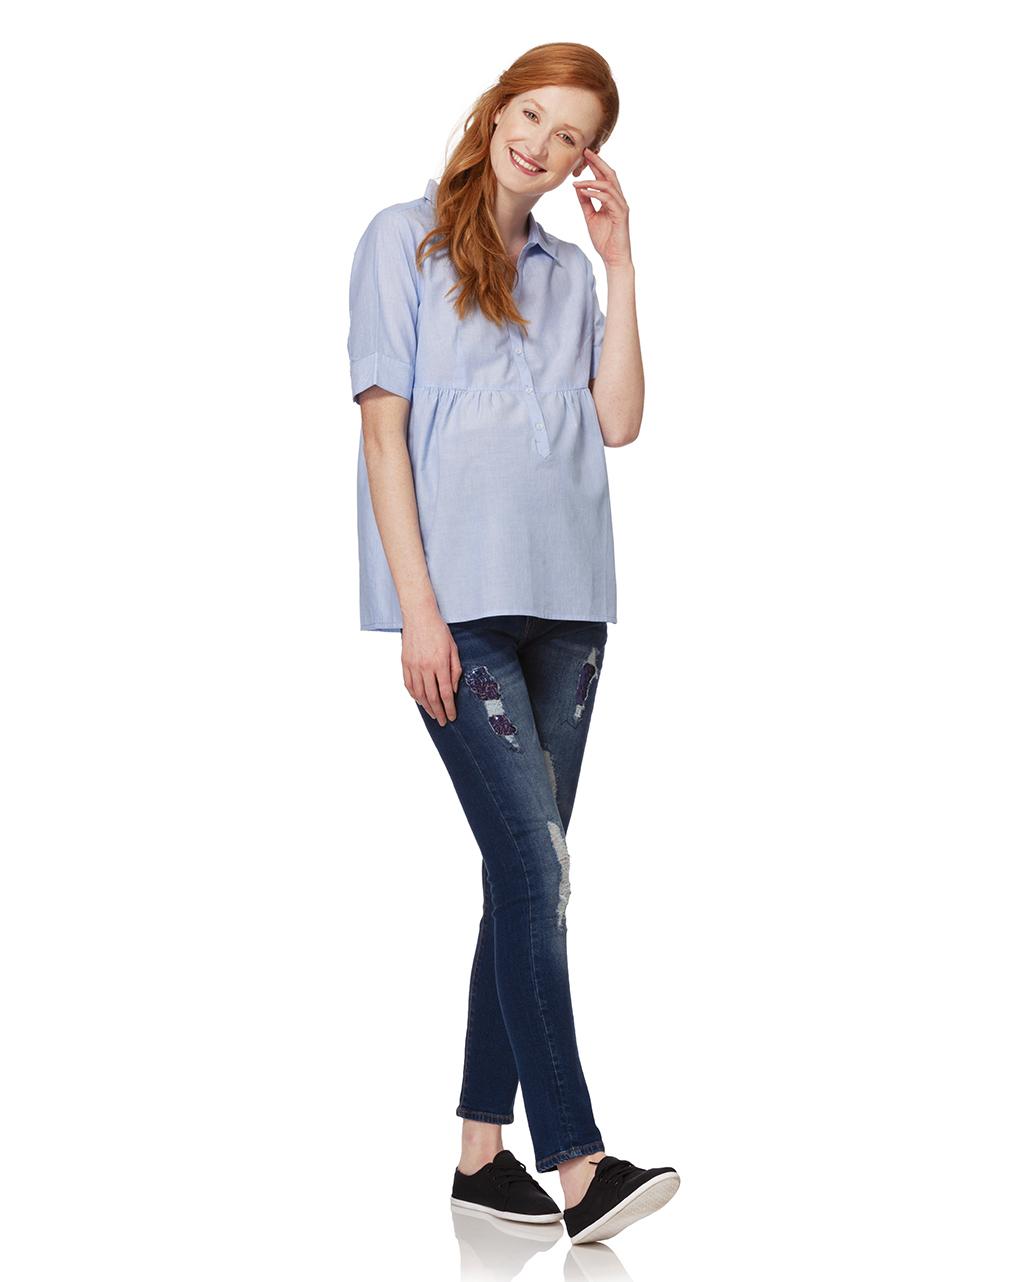 Camisa listrada azul clara com mangas curtas - Prénatal